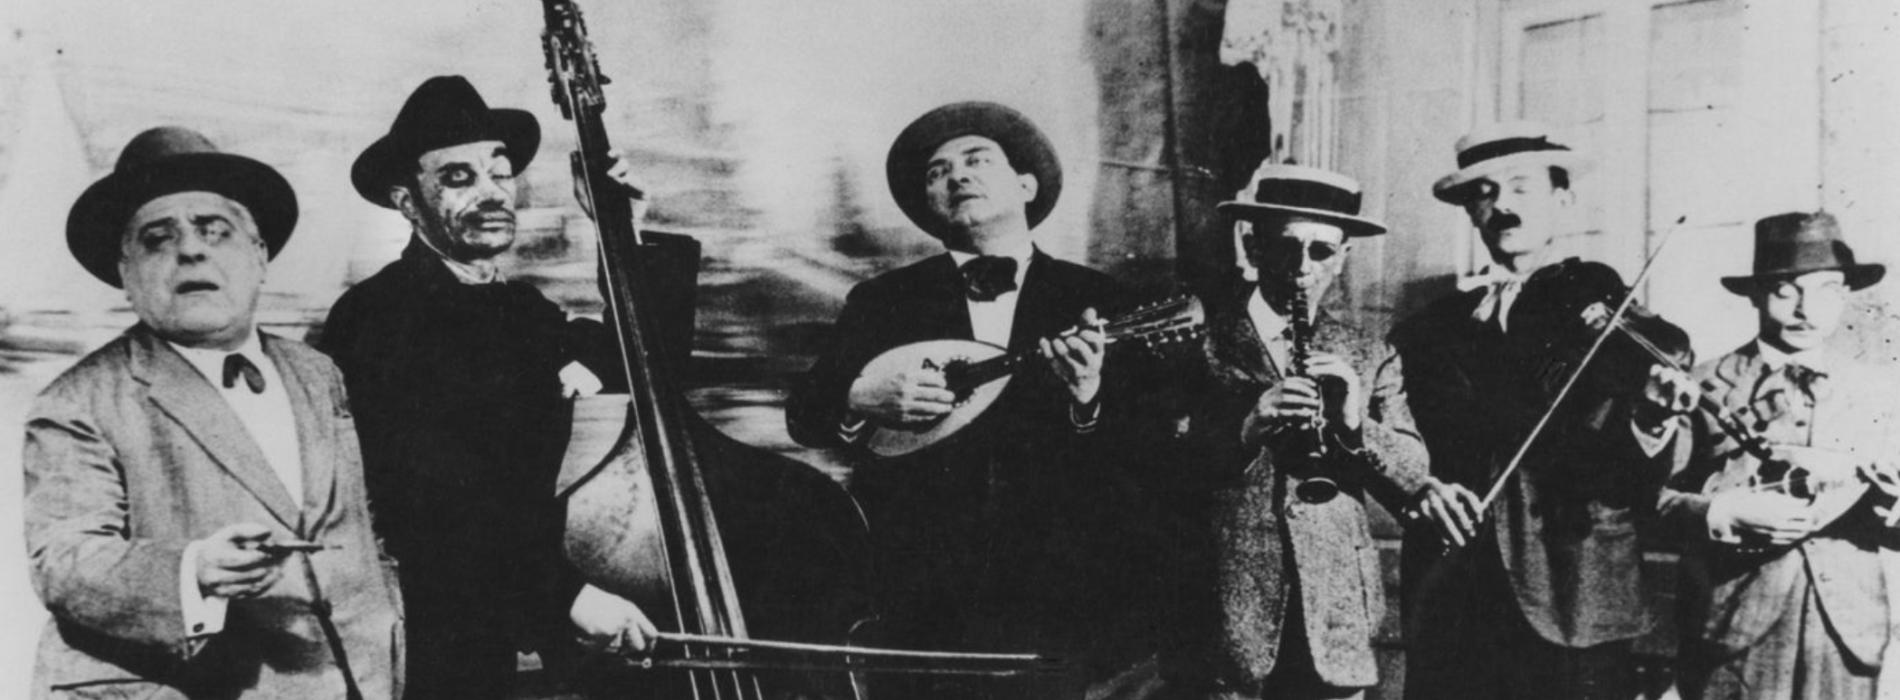 Senso Viviani, omaggio in foto musica e poesia al grande commediografo